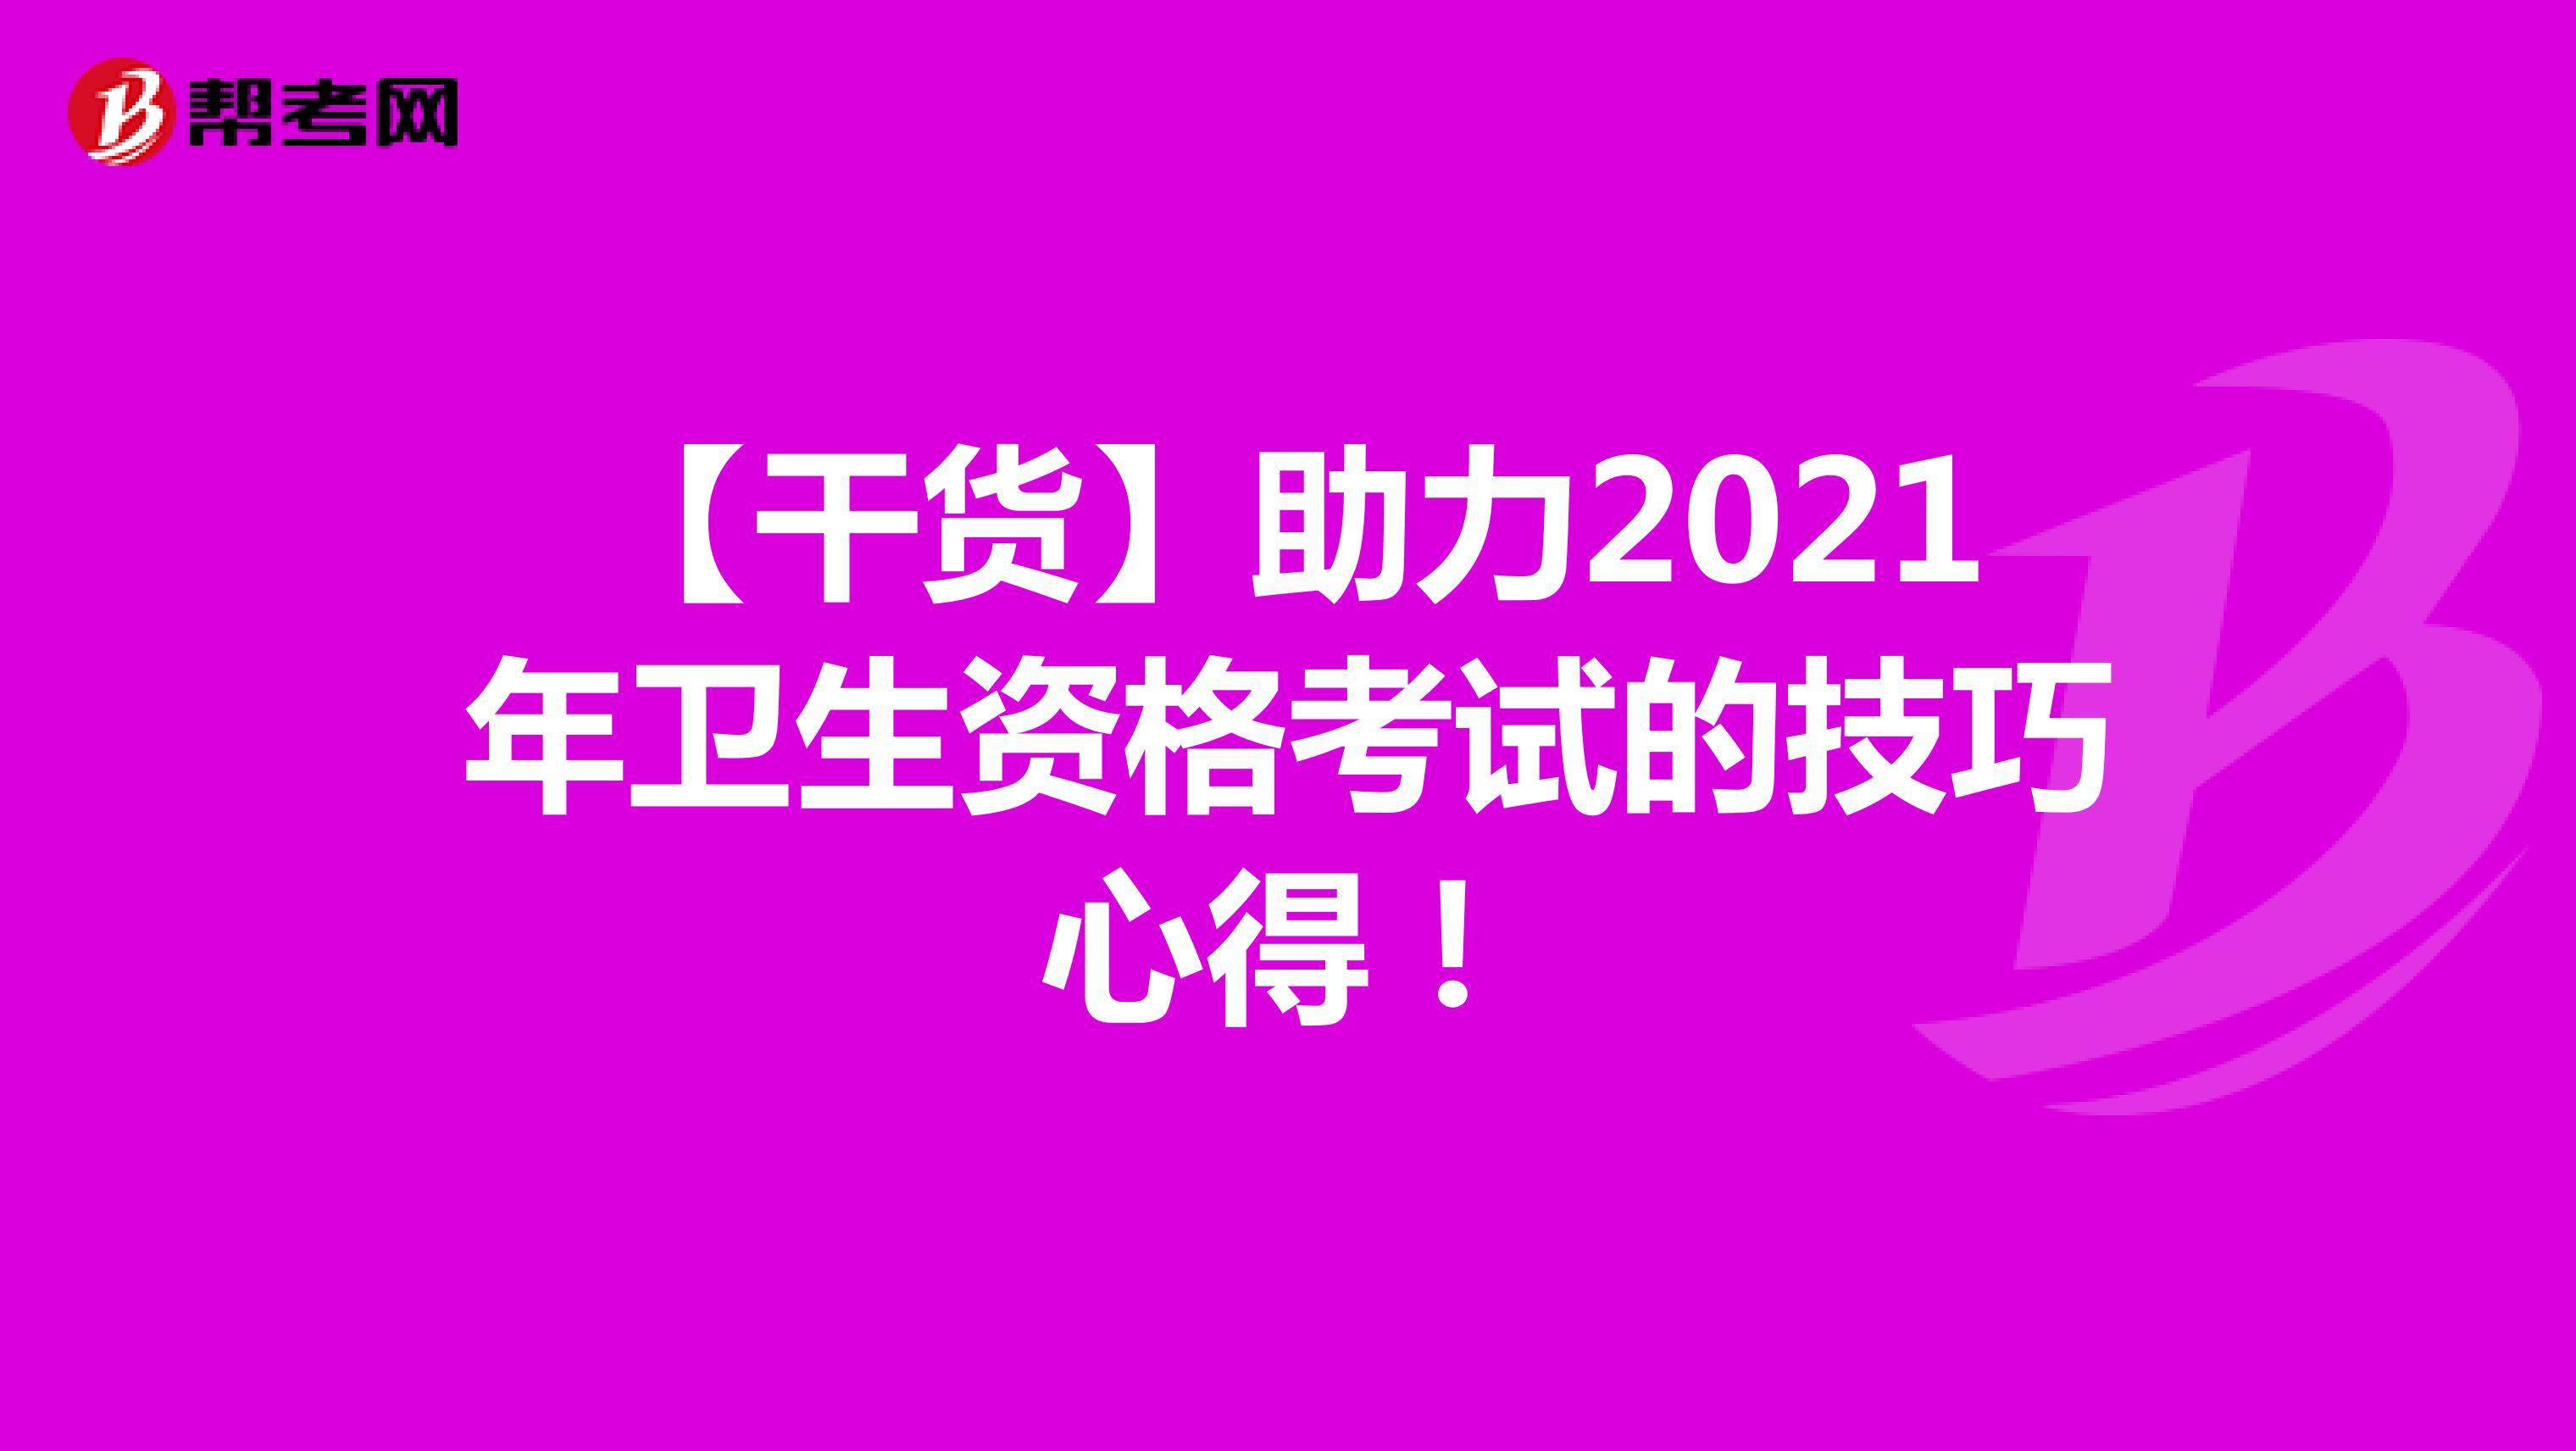 【干货】助力2021年卫生资格考试的技巧心得!